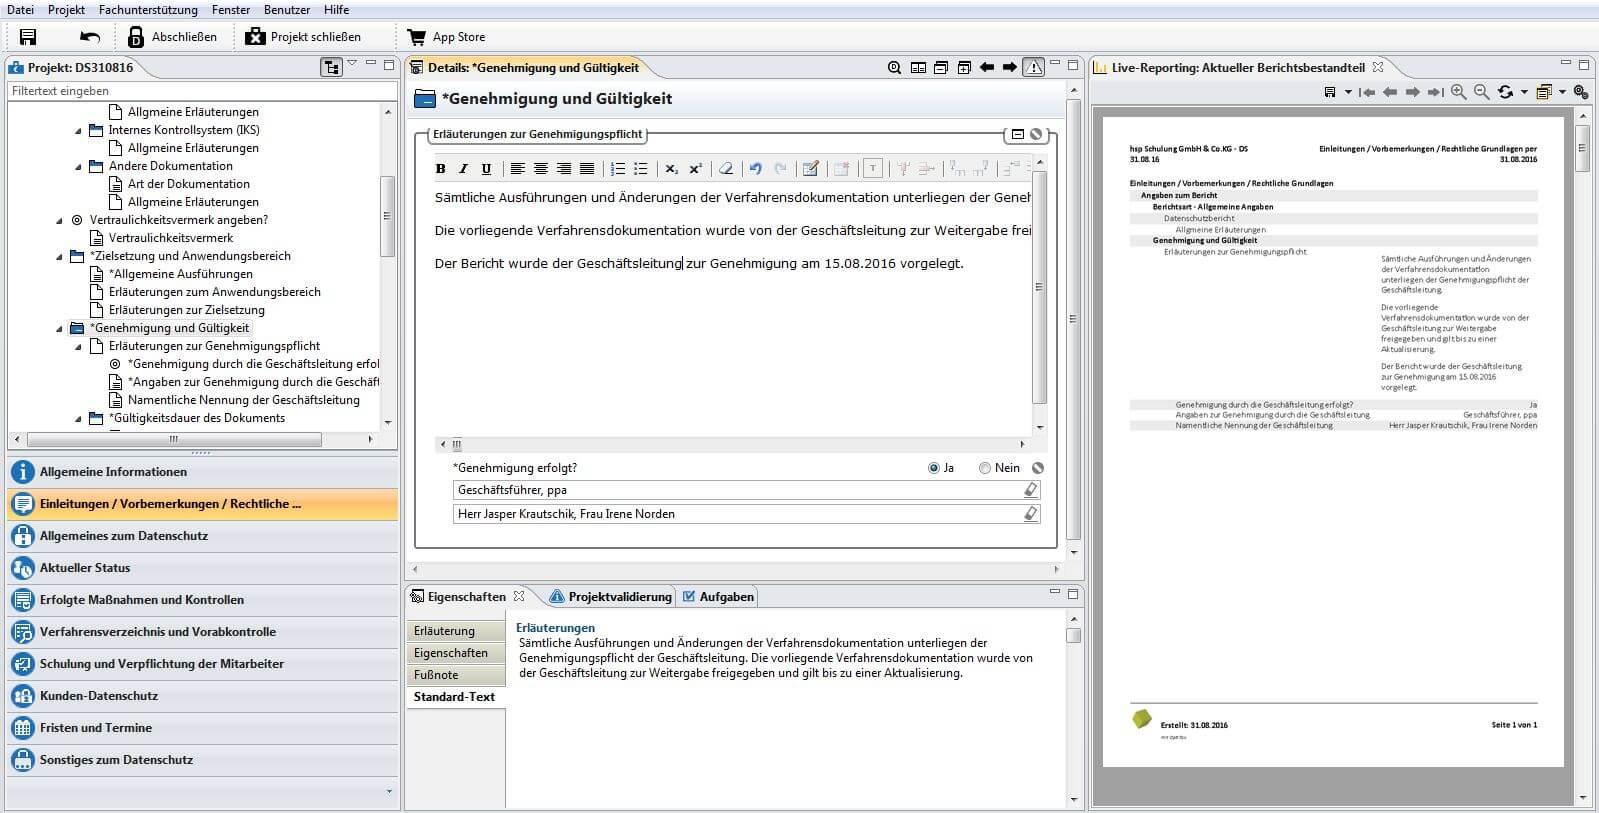 Datenschutz Projekt Mit Mustertext Und Aktuellem Berichtsbestandteil